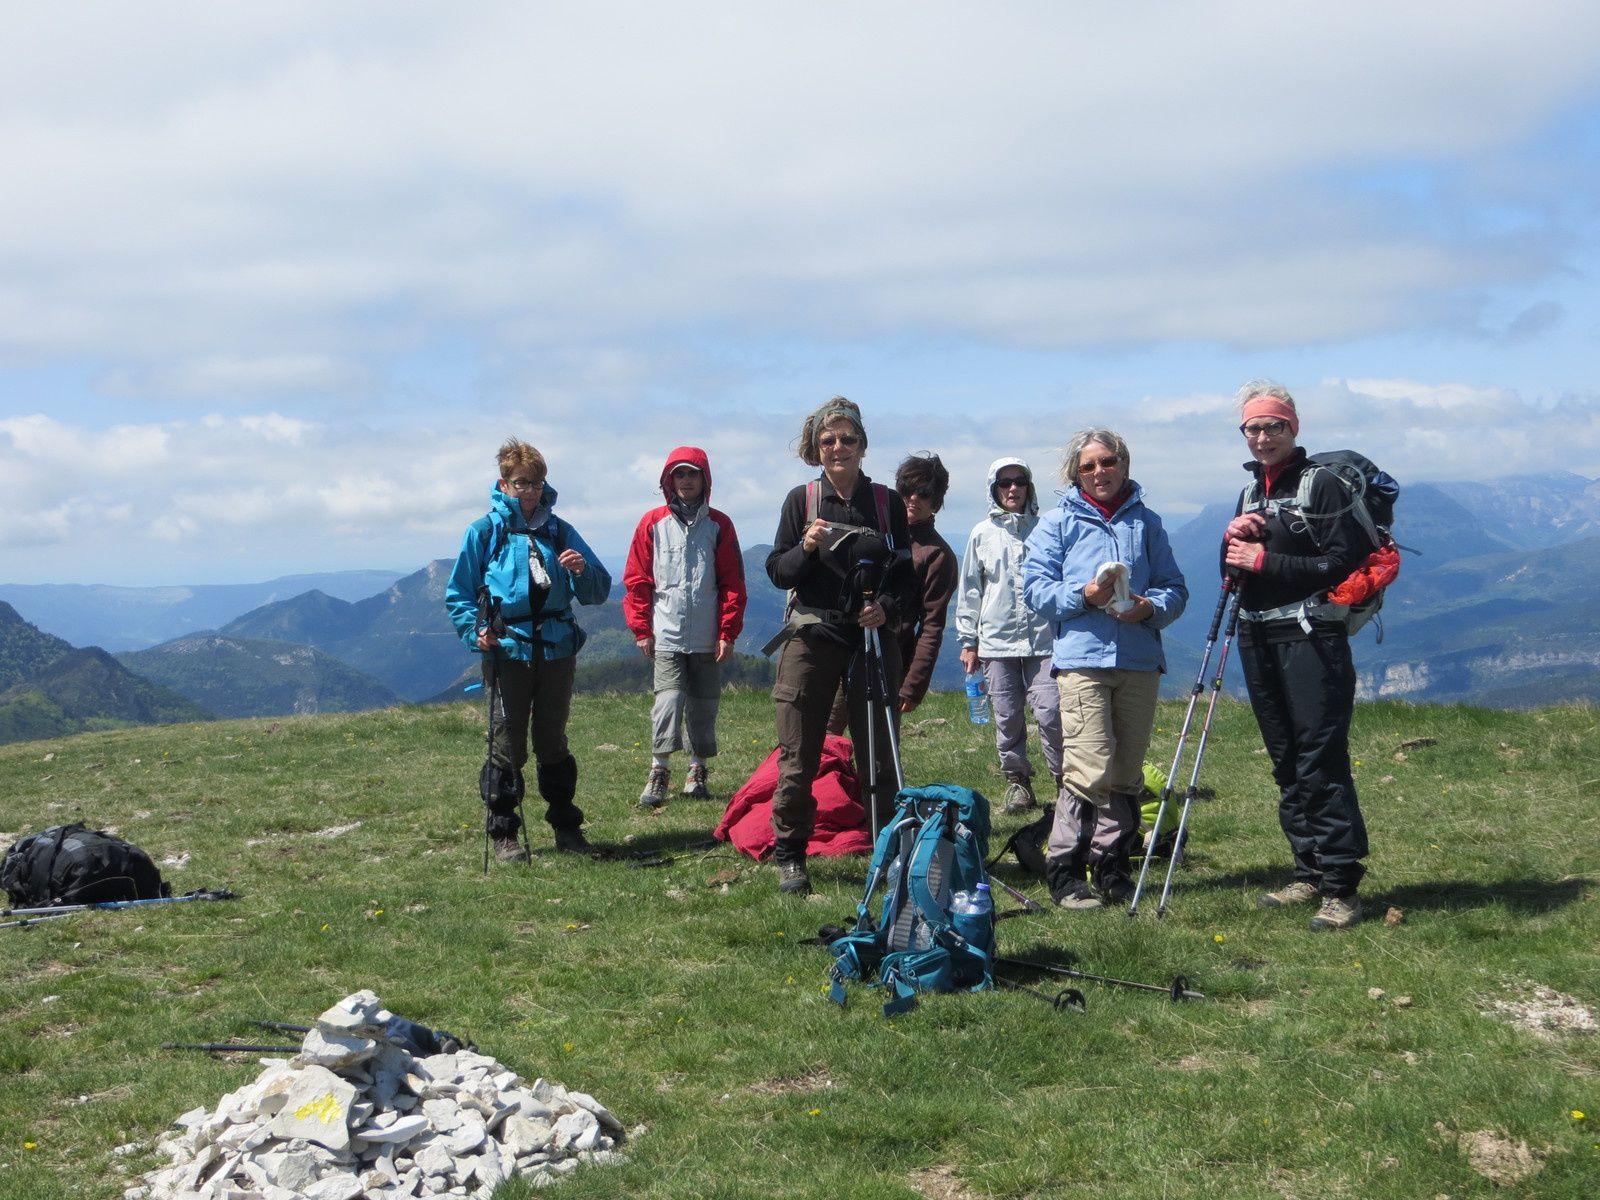 Montagne du Luzet 1692 m et Montagne Chauvet 1617 m et le gîte du PILHON